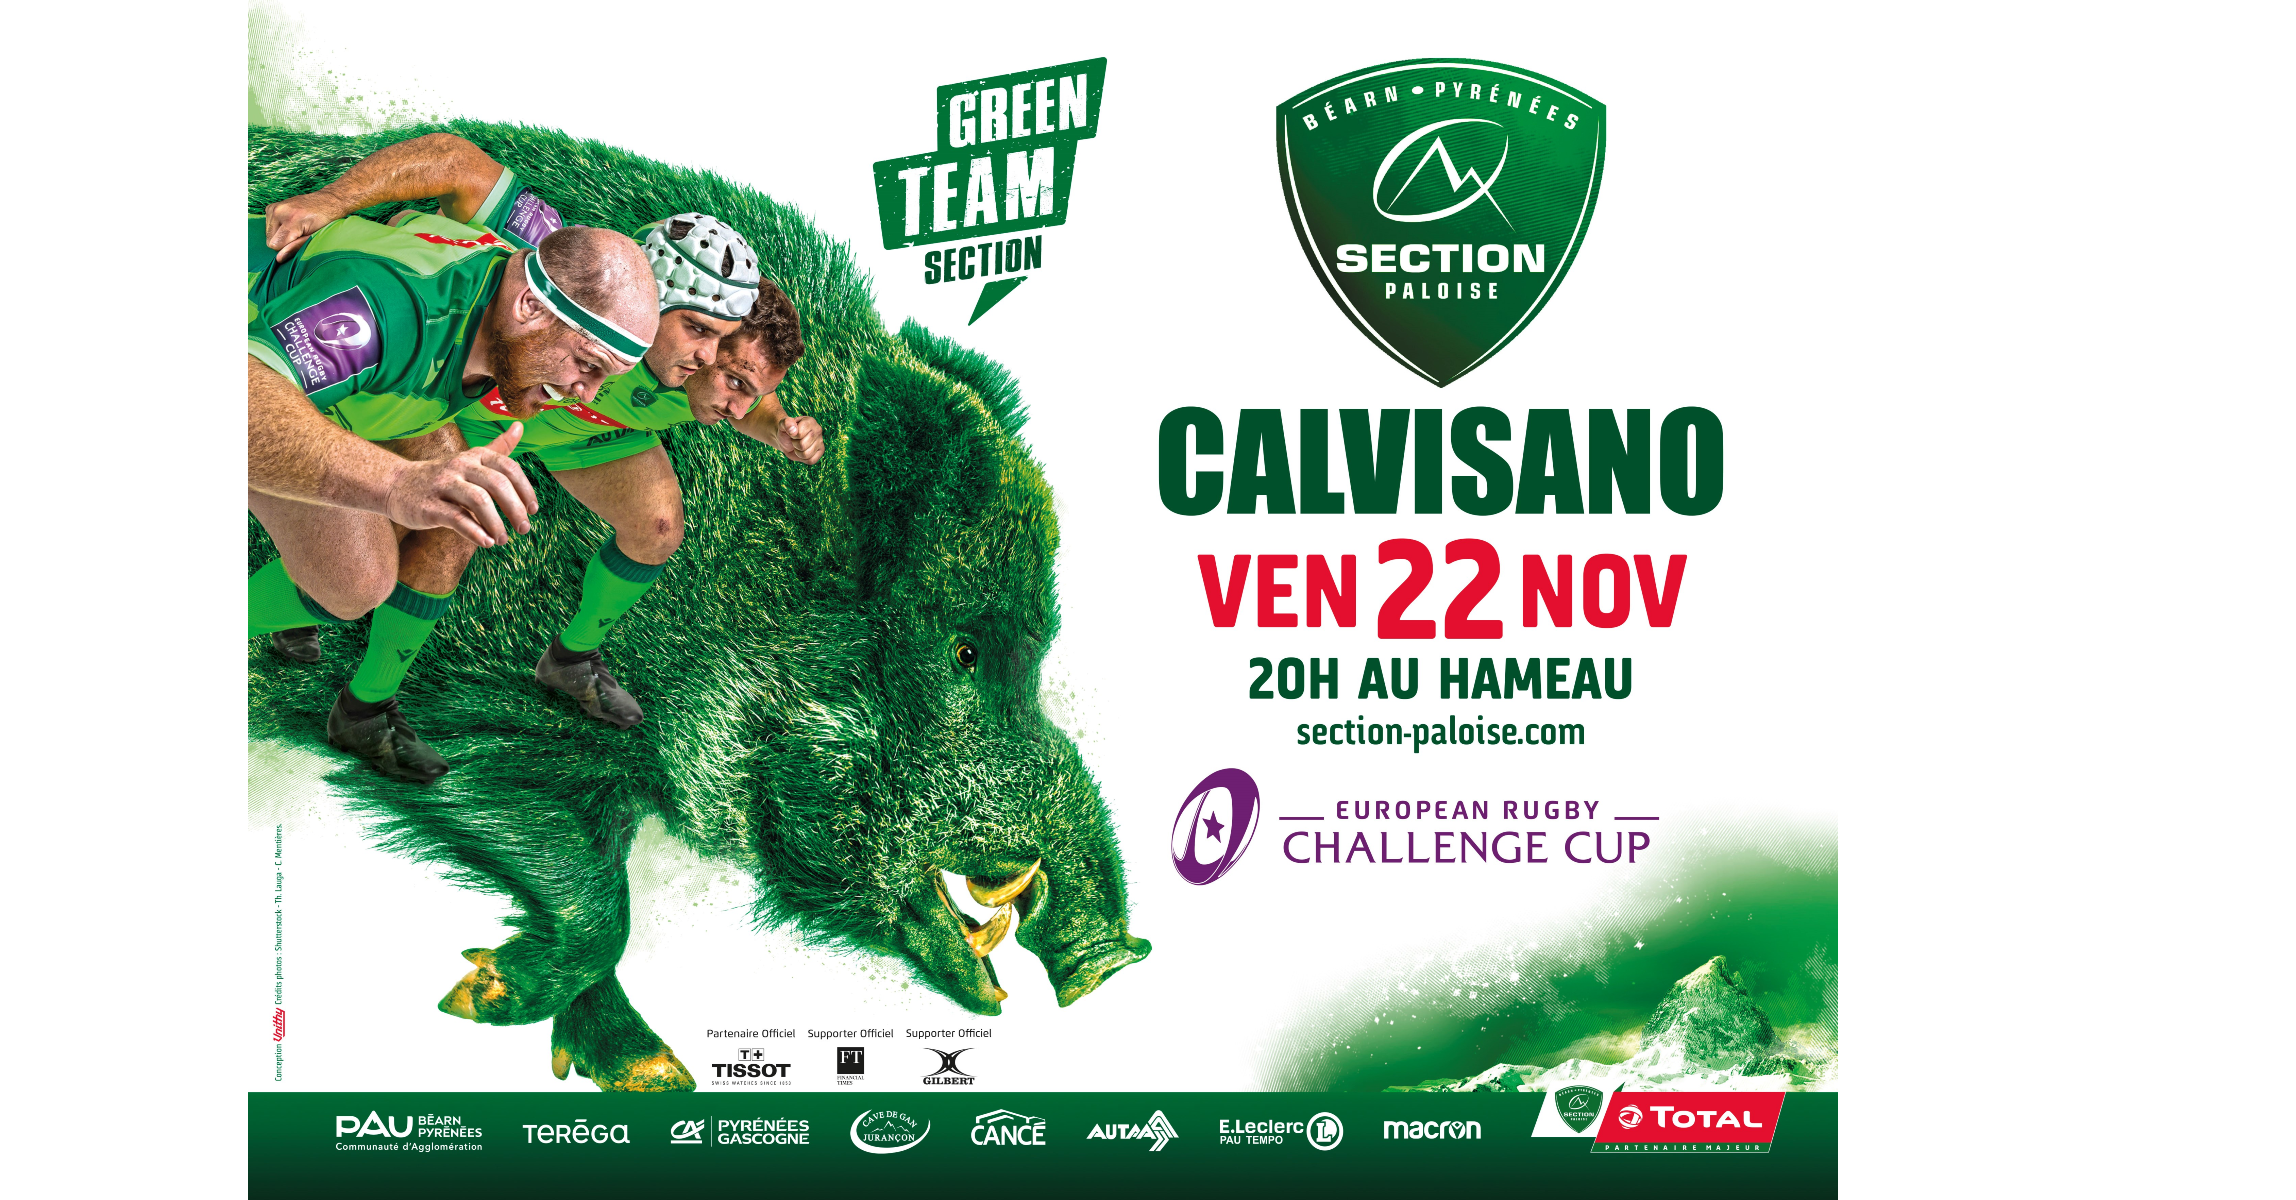 LA REP / COM / SECTION - CALVISANO